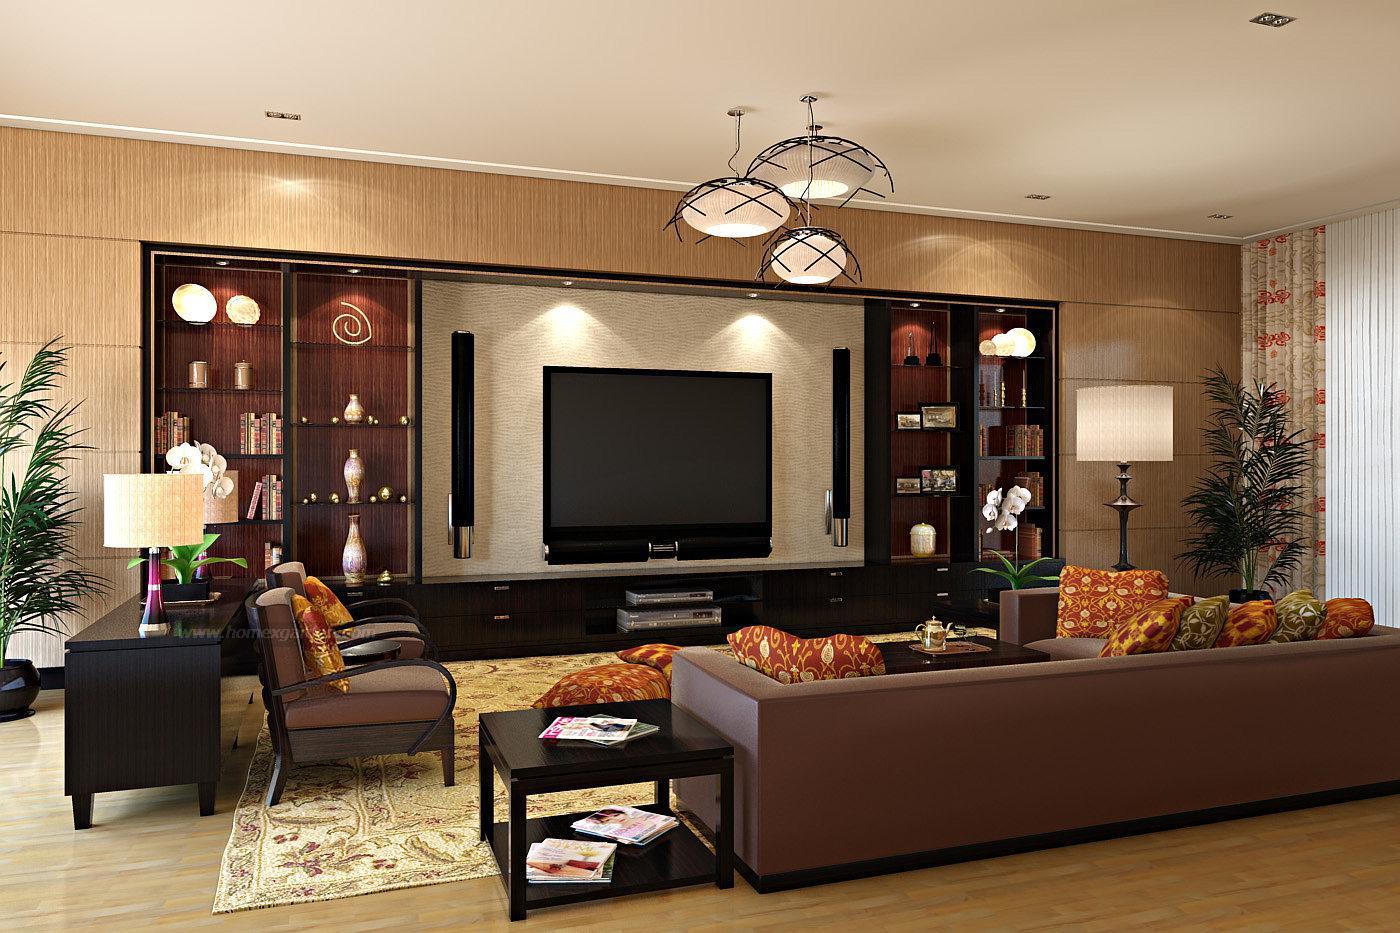 ... free awesome house interior design with amusing sofa facing audio set UANASZY